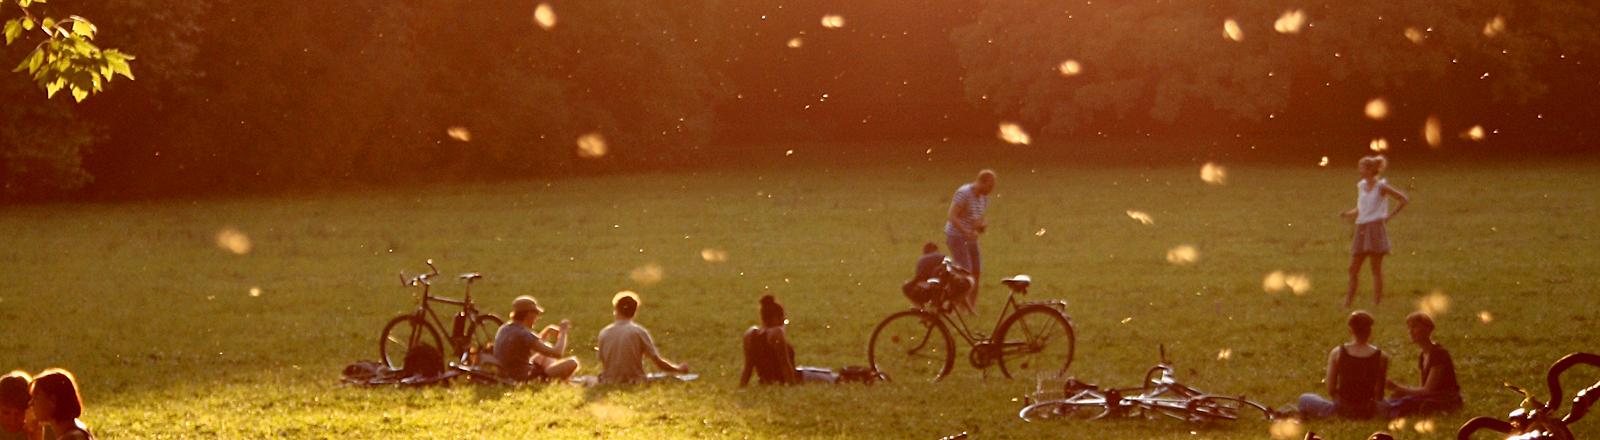 Menschen im Park in der Sonne